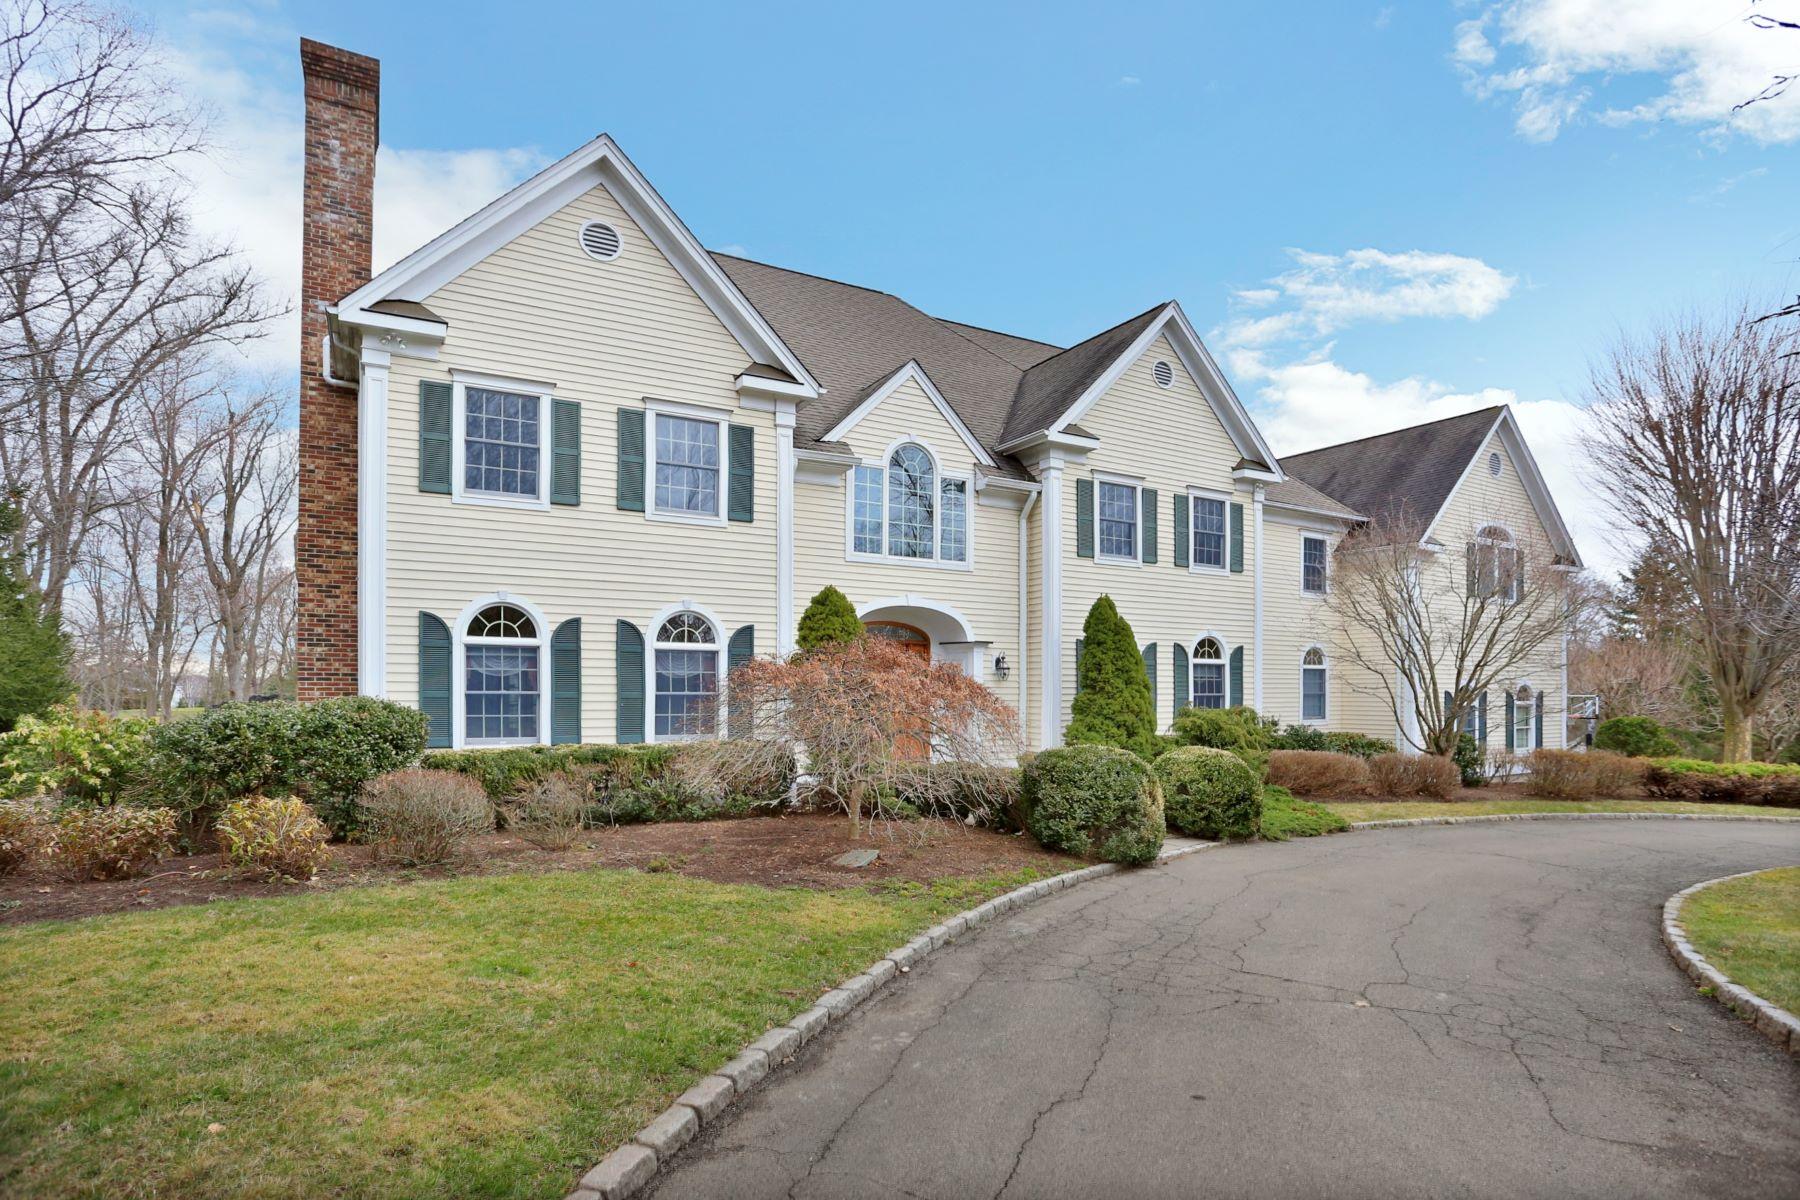 Casa Unifamiliar por un Venta en 18 Pine Ridge Road 18 Pine Ridge Road Wilton, Connecticut 06897 Estados Unidos